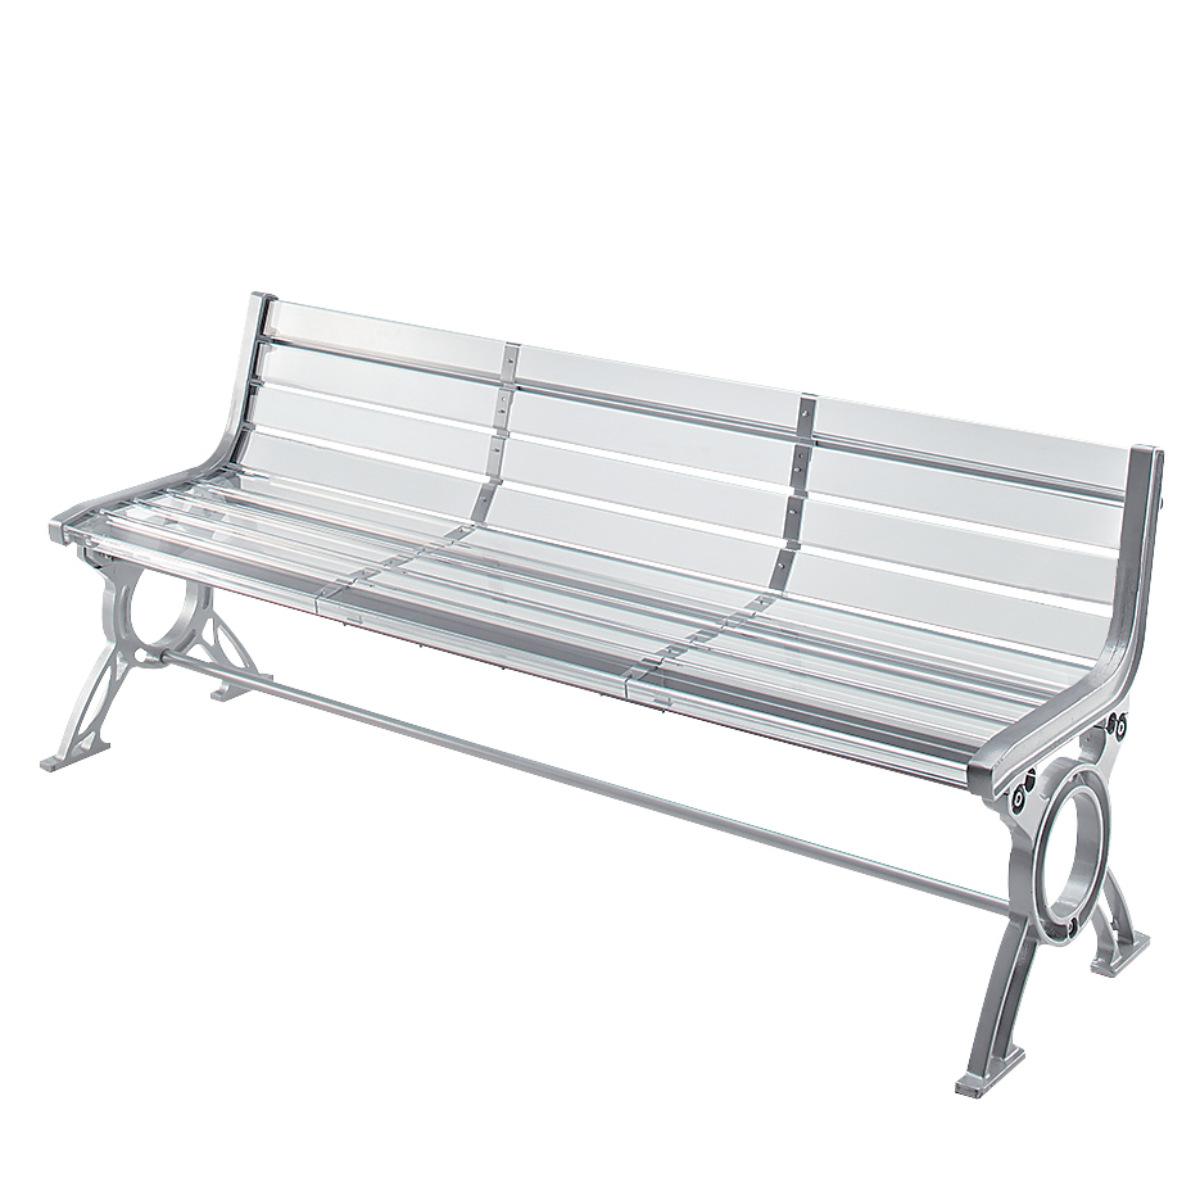 アクリル樹脂ベンチ 透明エアーベンチ 肘なし 1.8m 3~4人掛け用 ( 送料無料 長椅子 屋内 屋外 公共施設、ホテル、レジャー施設、冠婚葬祭施設、複合施設 )